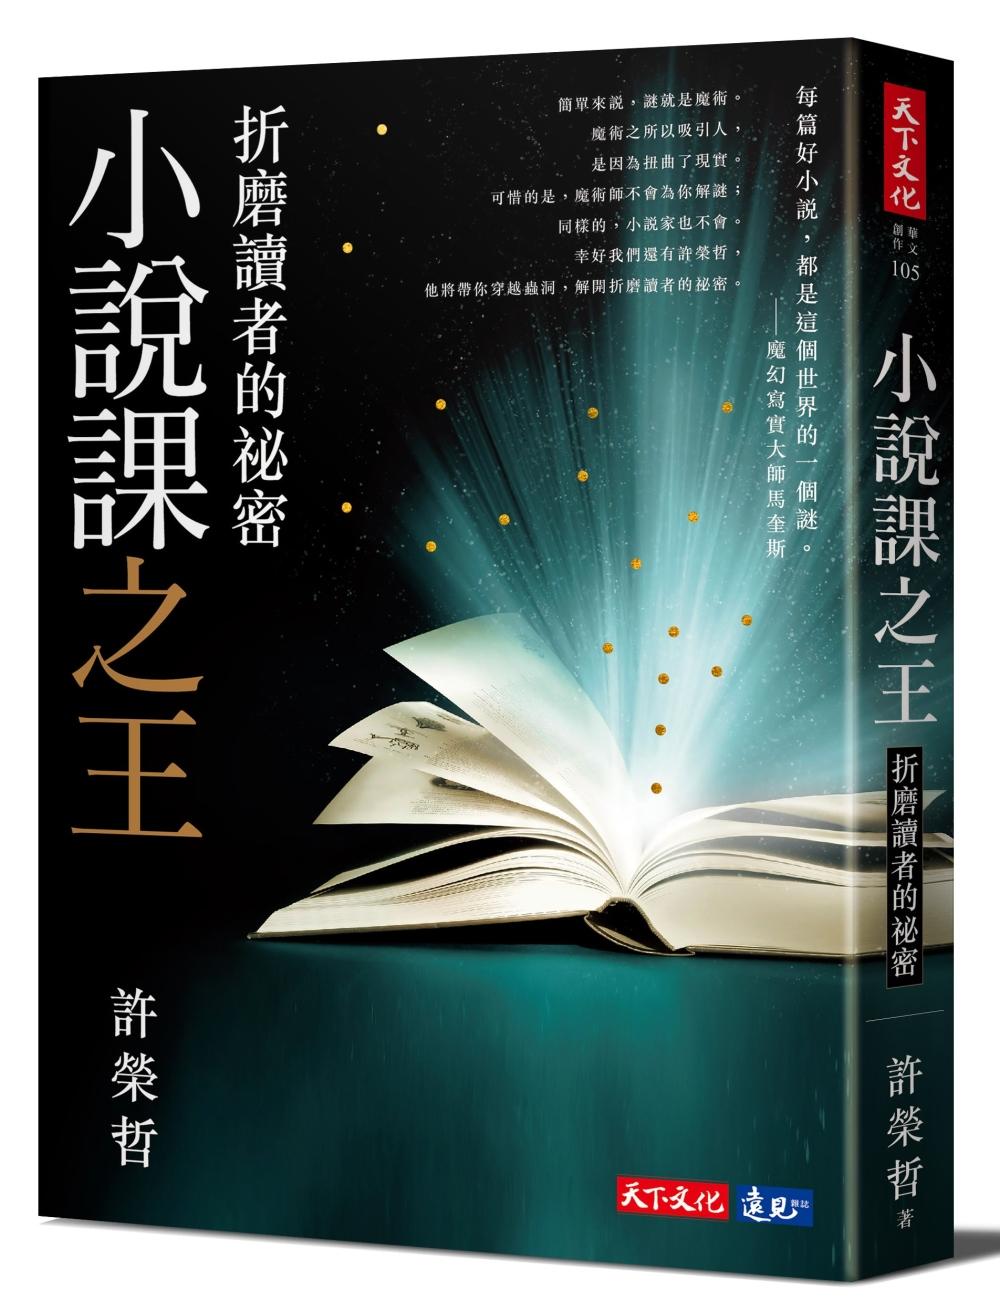 小說課之王:折磨讀者的祕密(獨家親簽版)